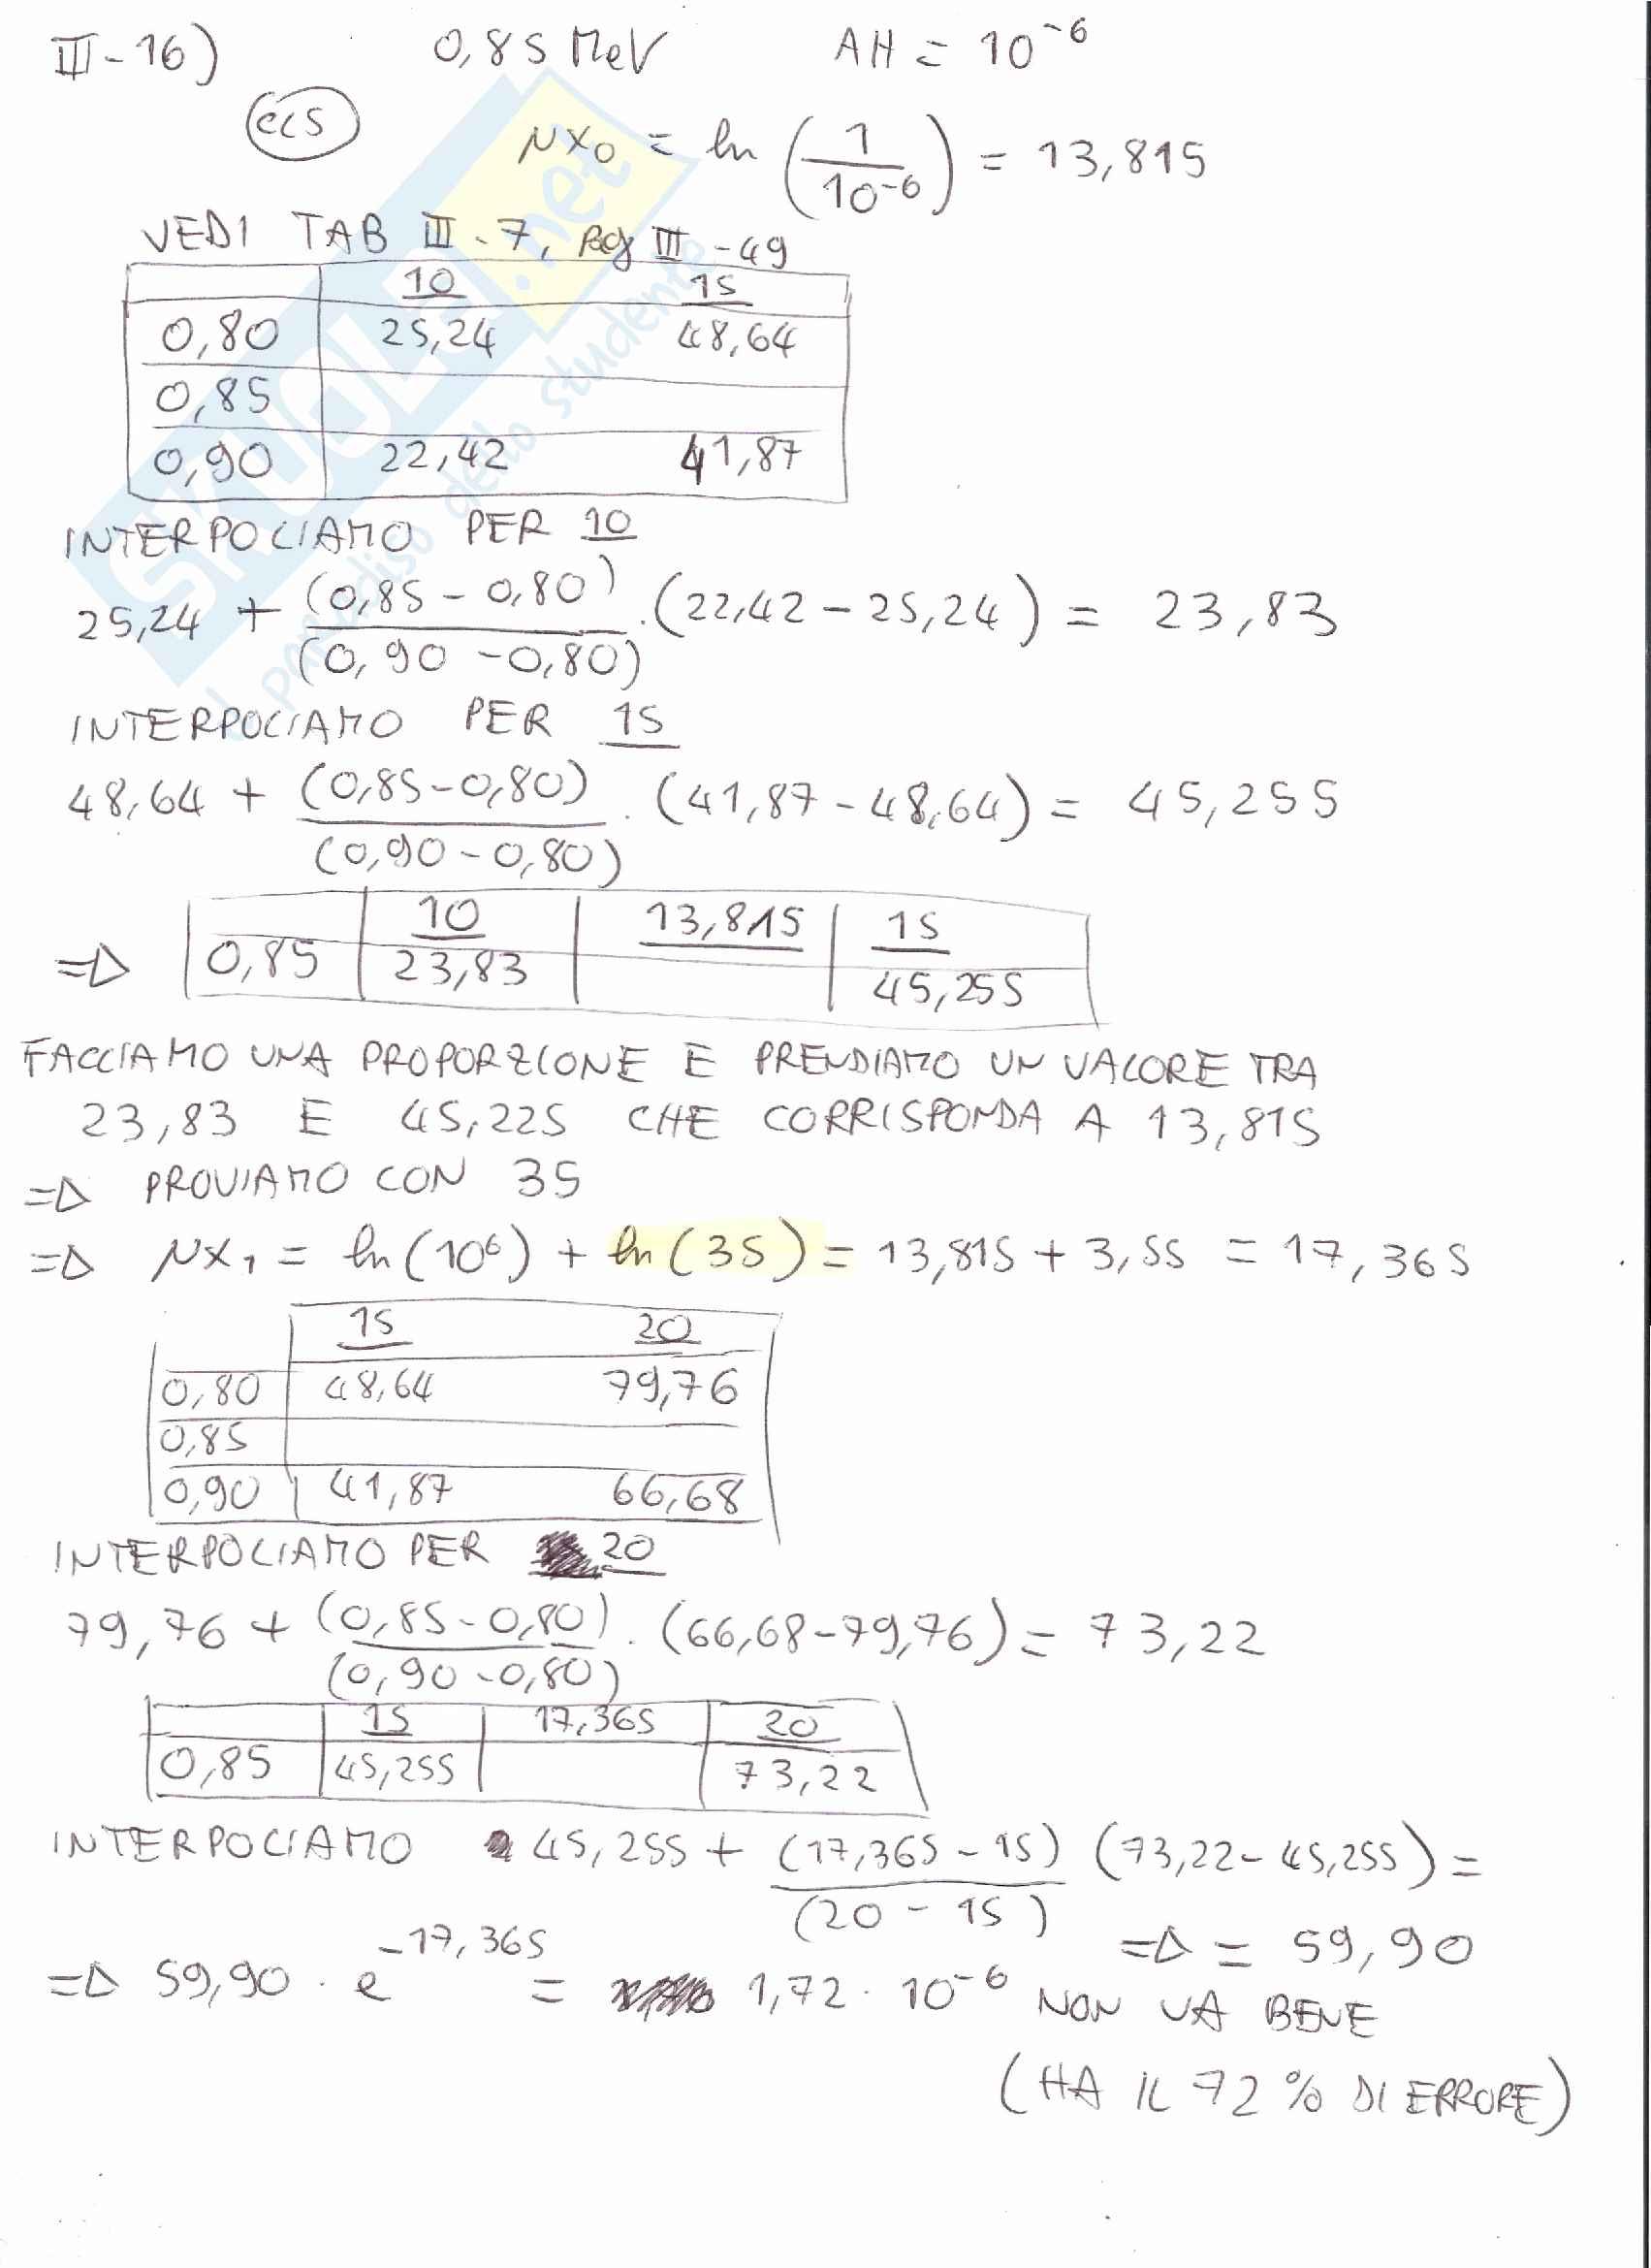 Appunti e Simulazioni d'esame di Radioprotezione T Pag. 41